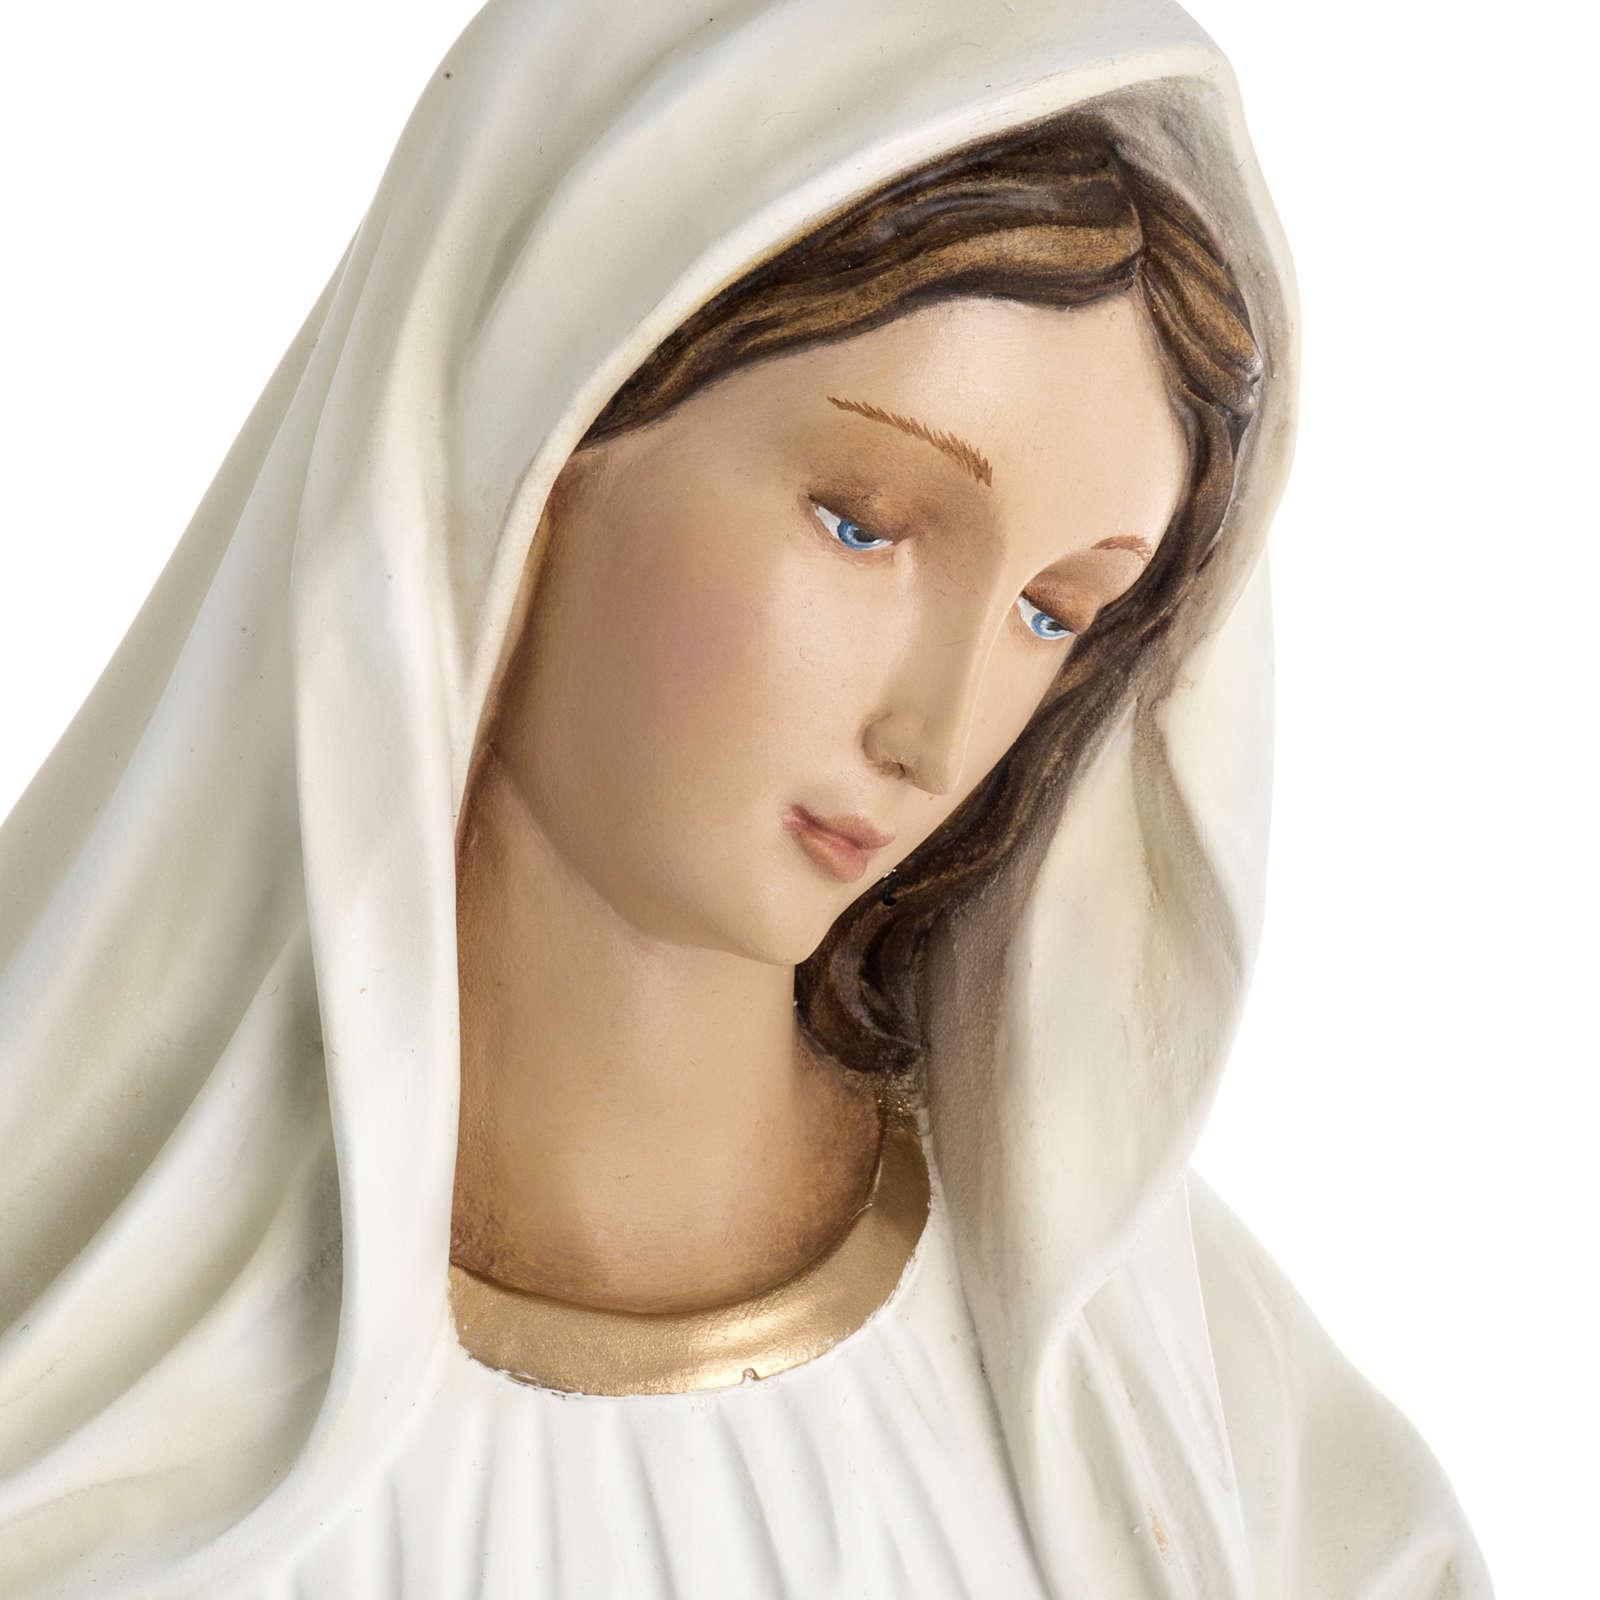 Madonna Medjugorje vetroresina 60 cm 4